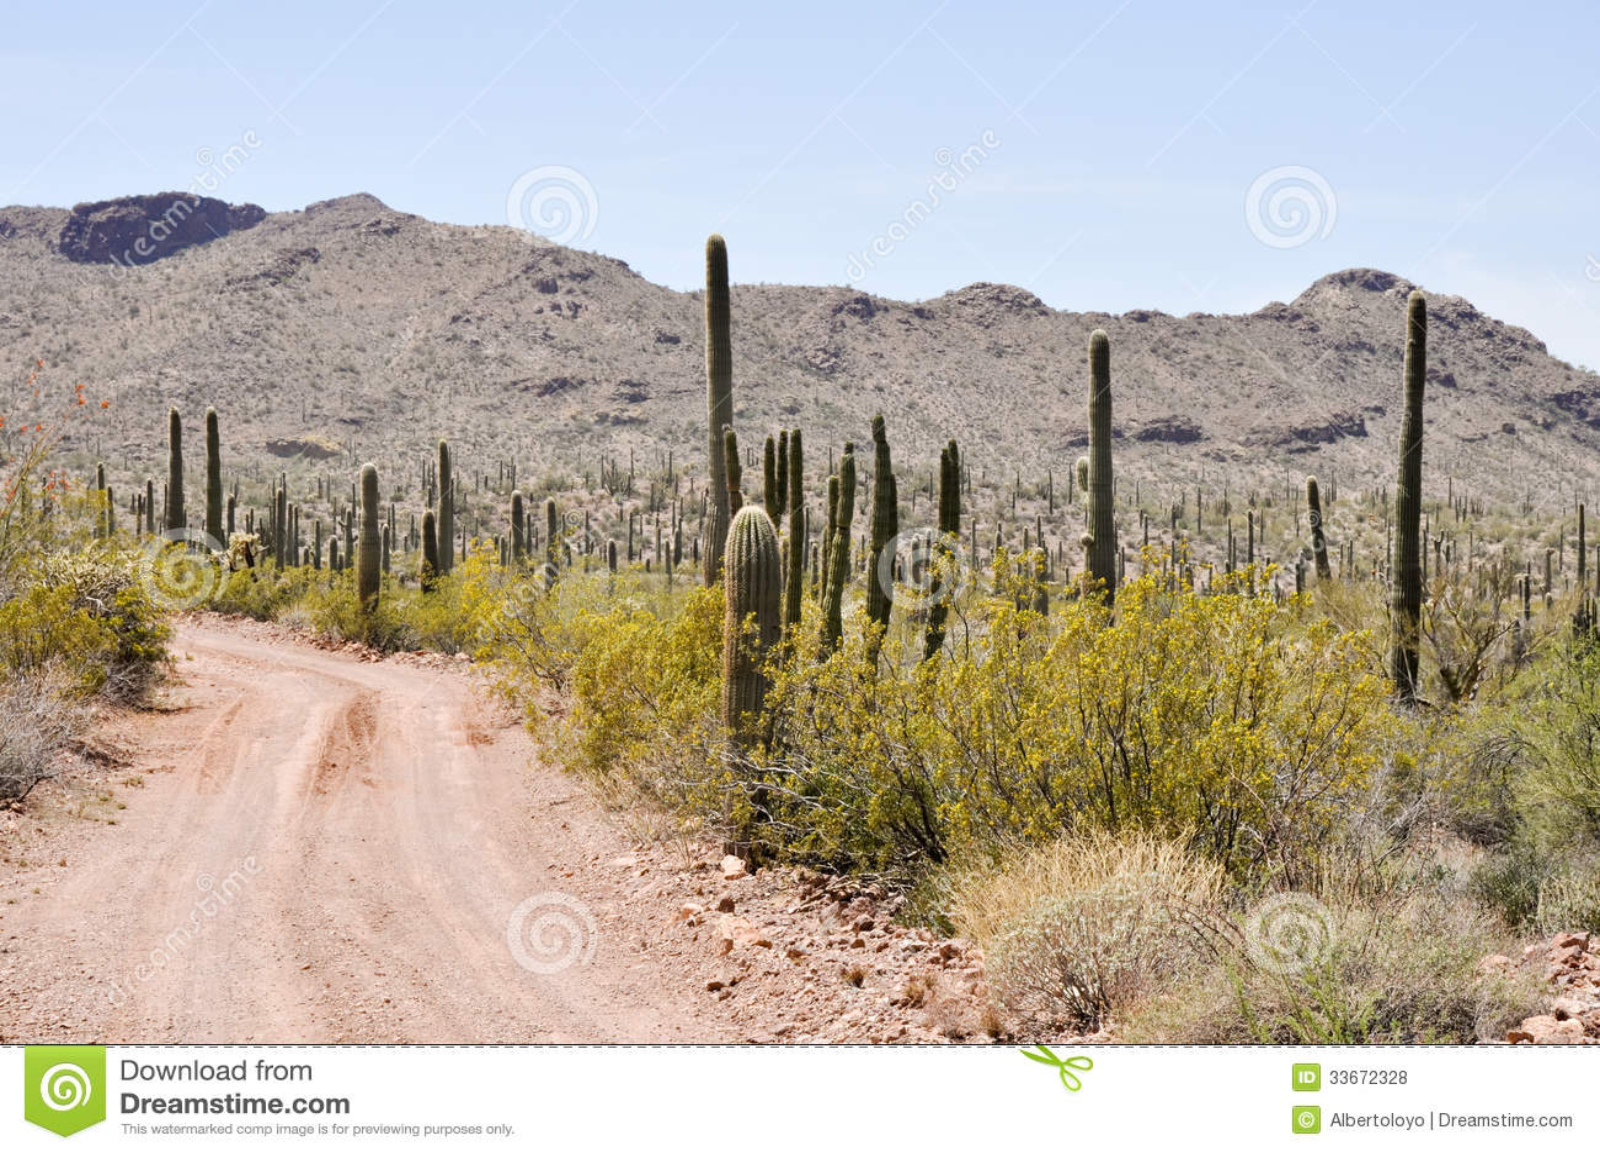 Gravel дорога, национальный парк кактуса трубы органа, Аризона